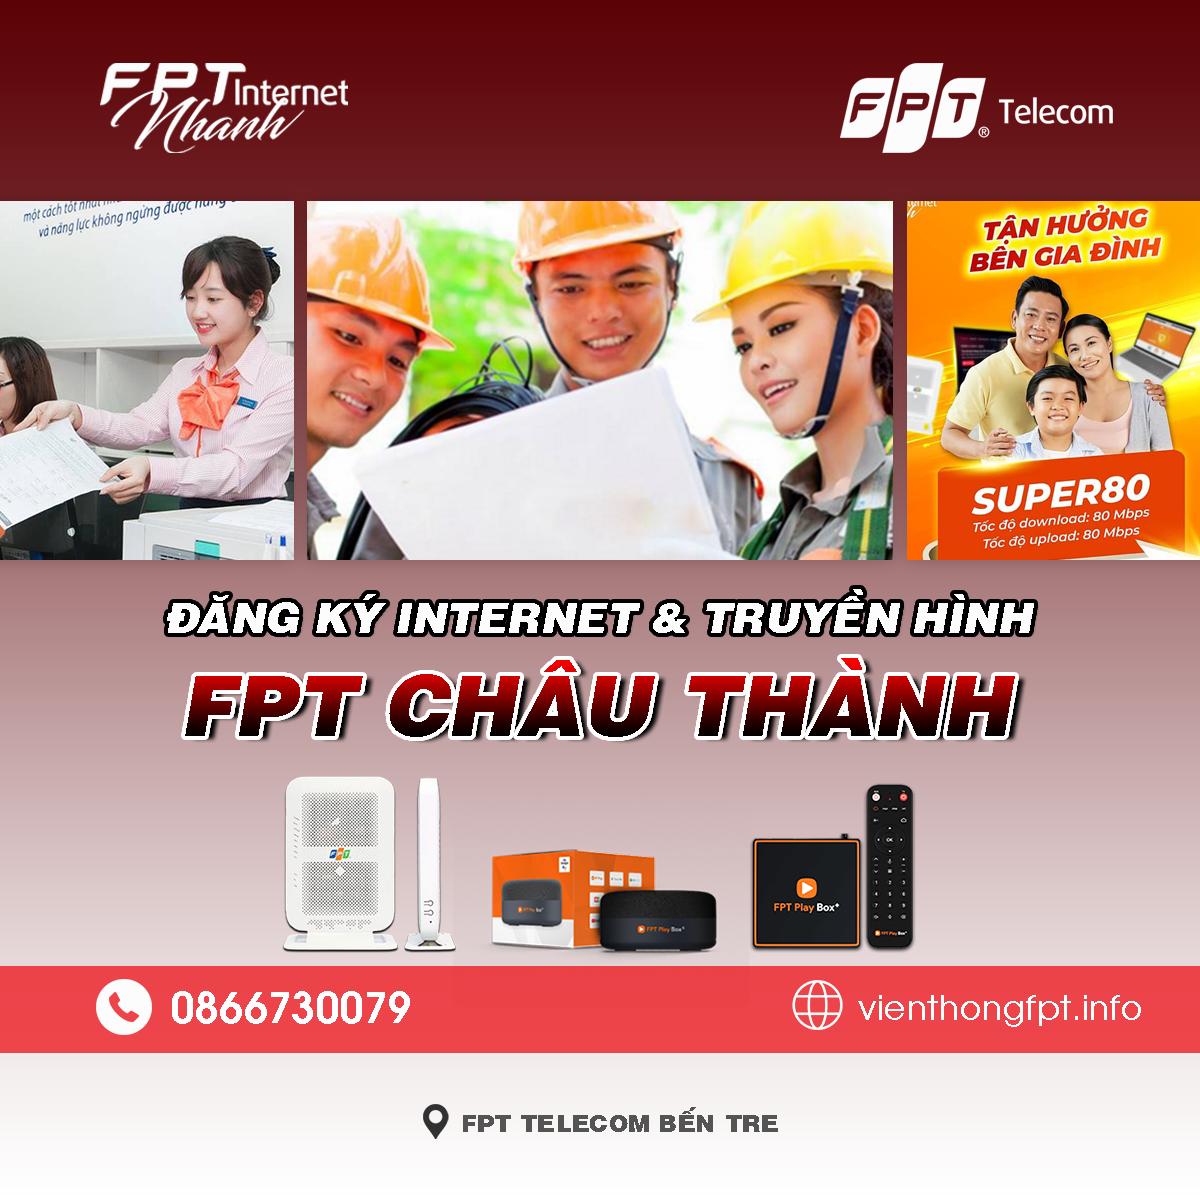 Bảng giá lắp mạng Internet và Truyền hình FPT Châu Thành